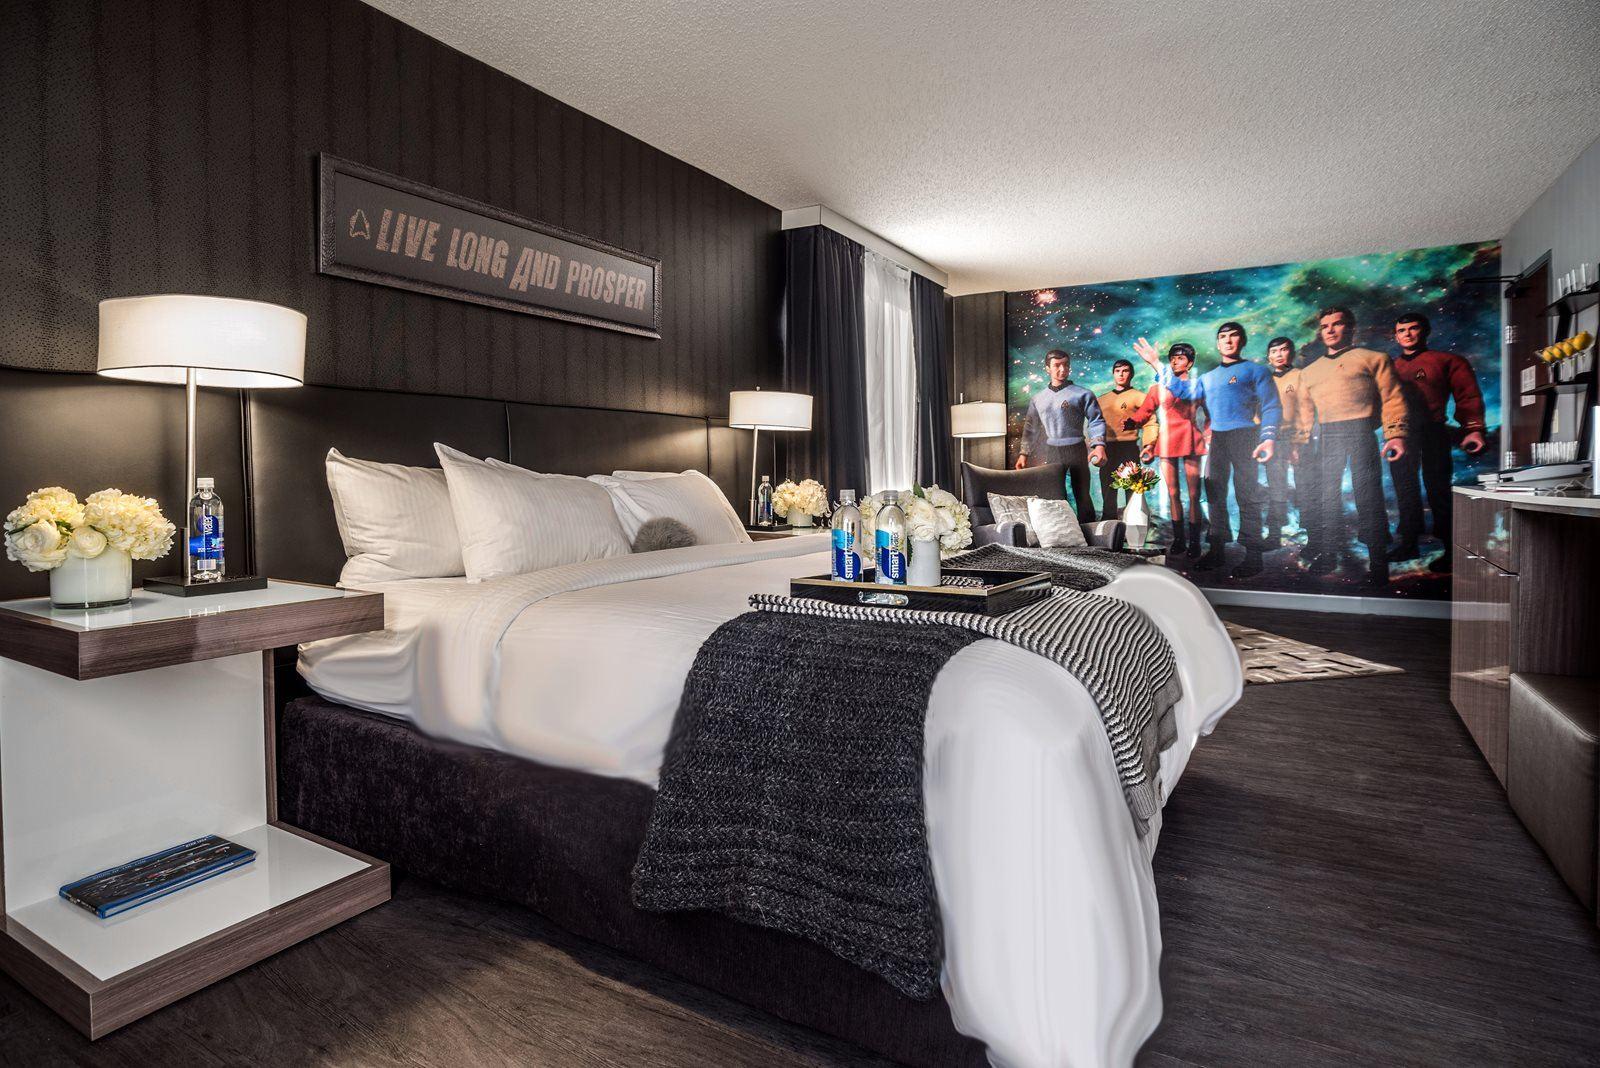 Star Trek room curtis hotel